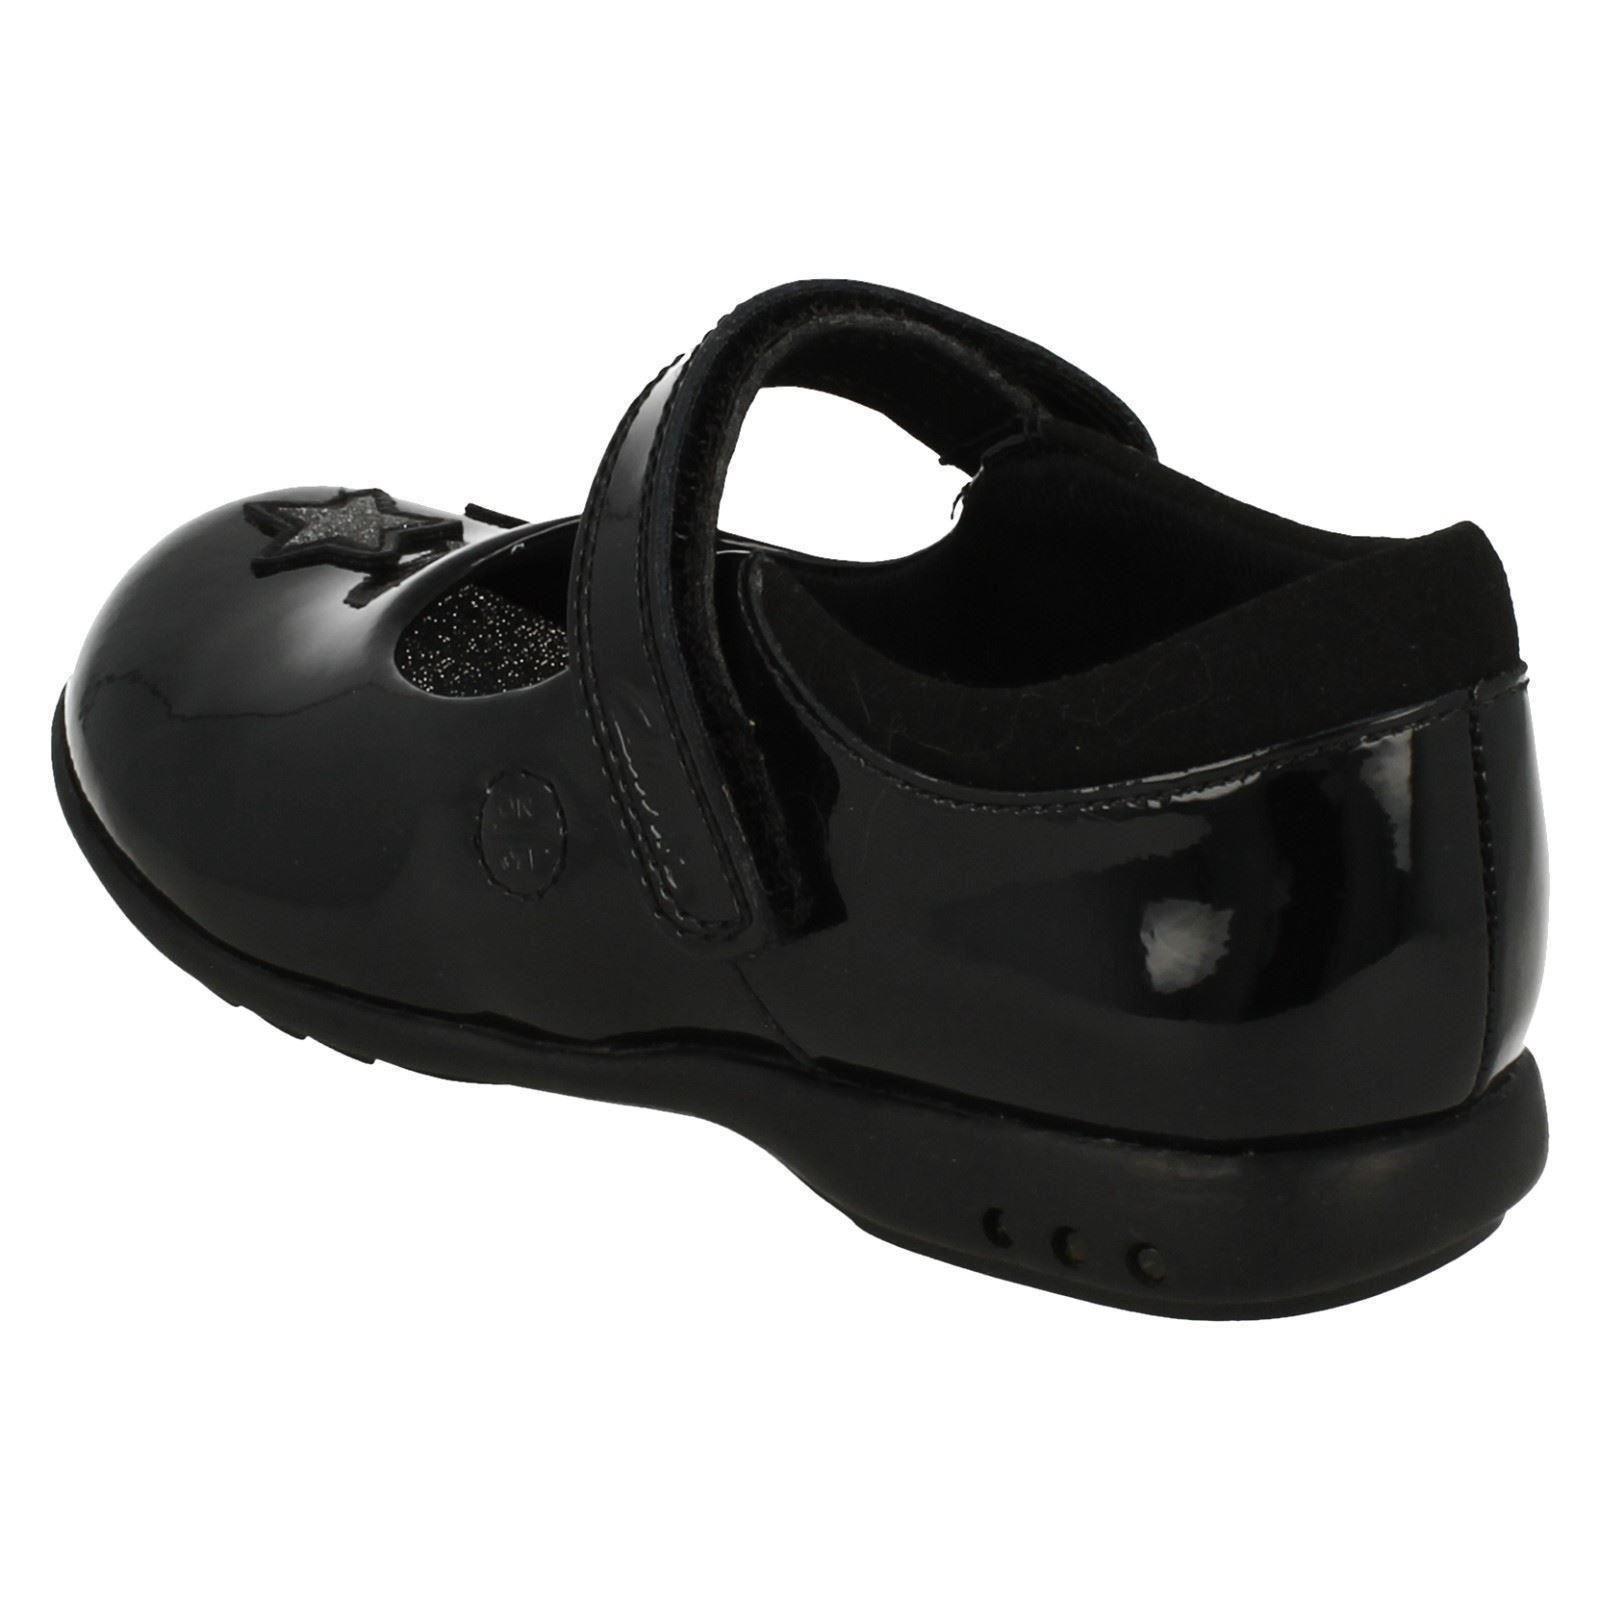 Chicas Clarks Zapatos De Escuela Con Luces Trixi Bee